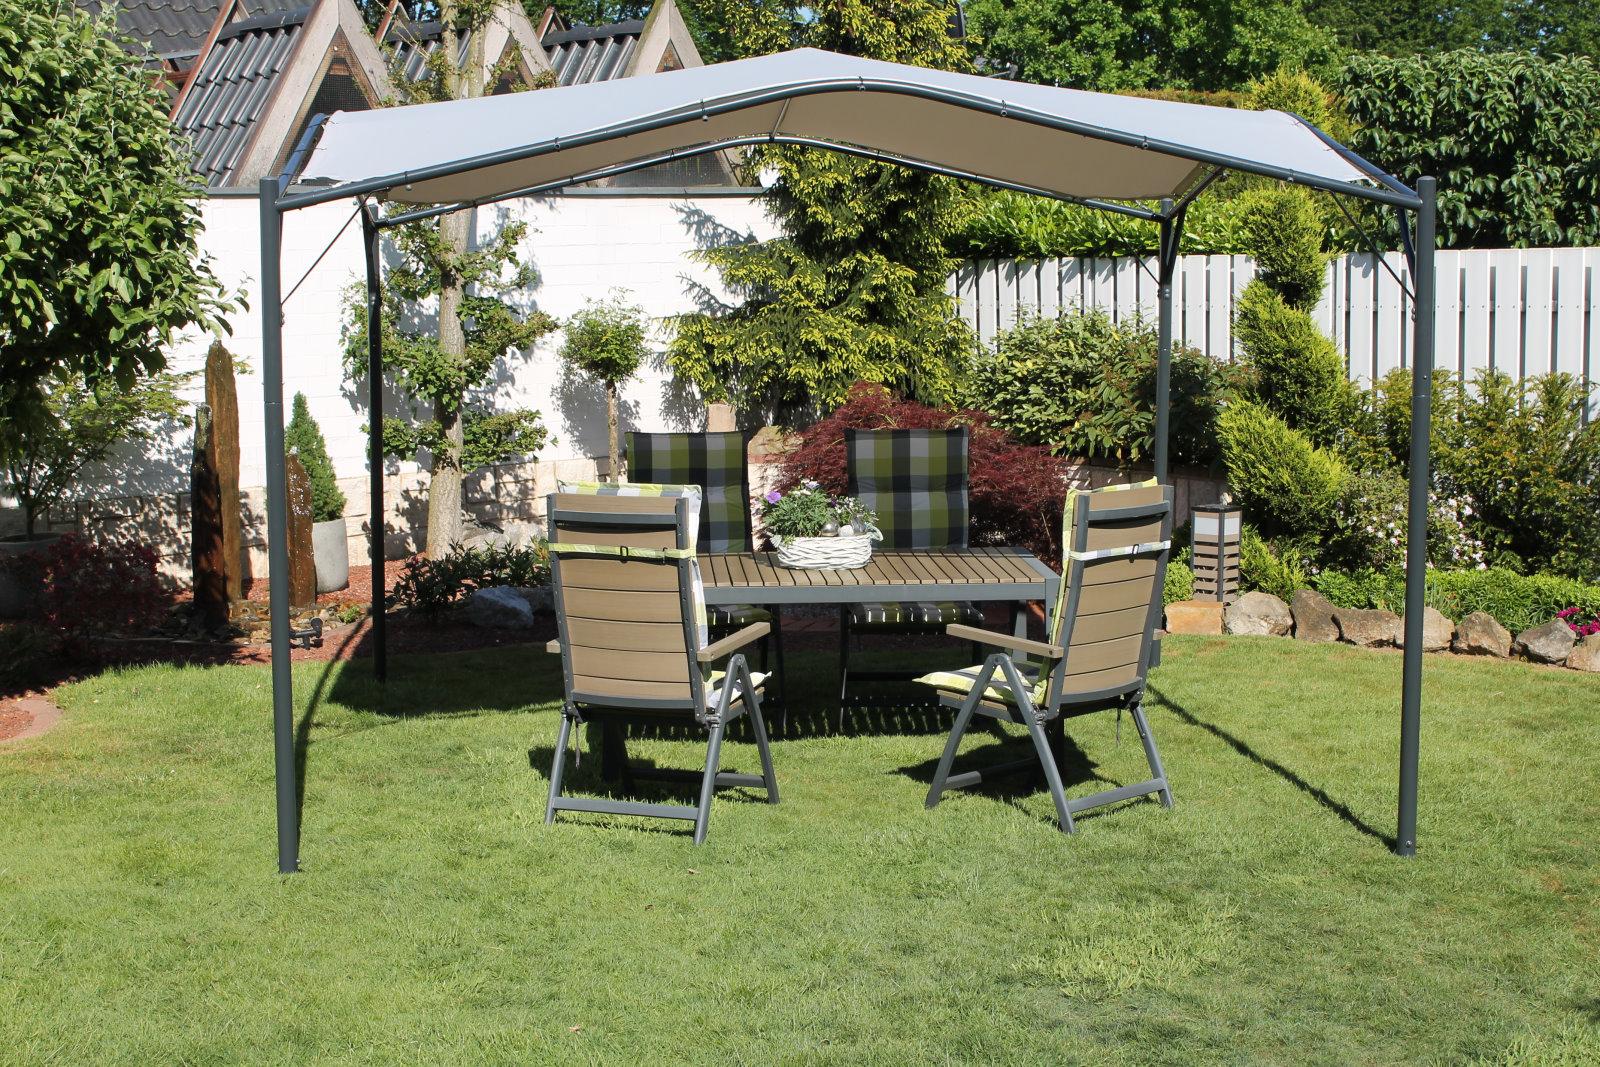 Full Size of Terrassen Pavillon Winterfest Obi Alu Aluminium Metall Leco 350x350cm Garten Berdachung Sonnenschutz Wohnzimmer Terrassen Pavillon